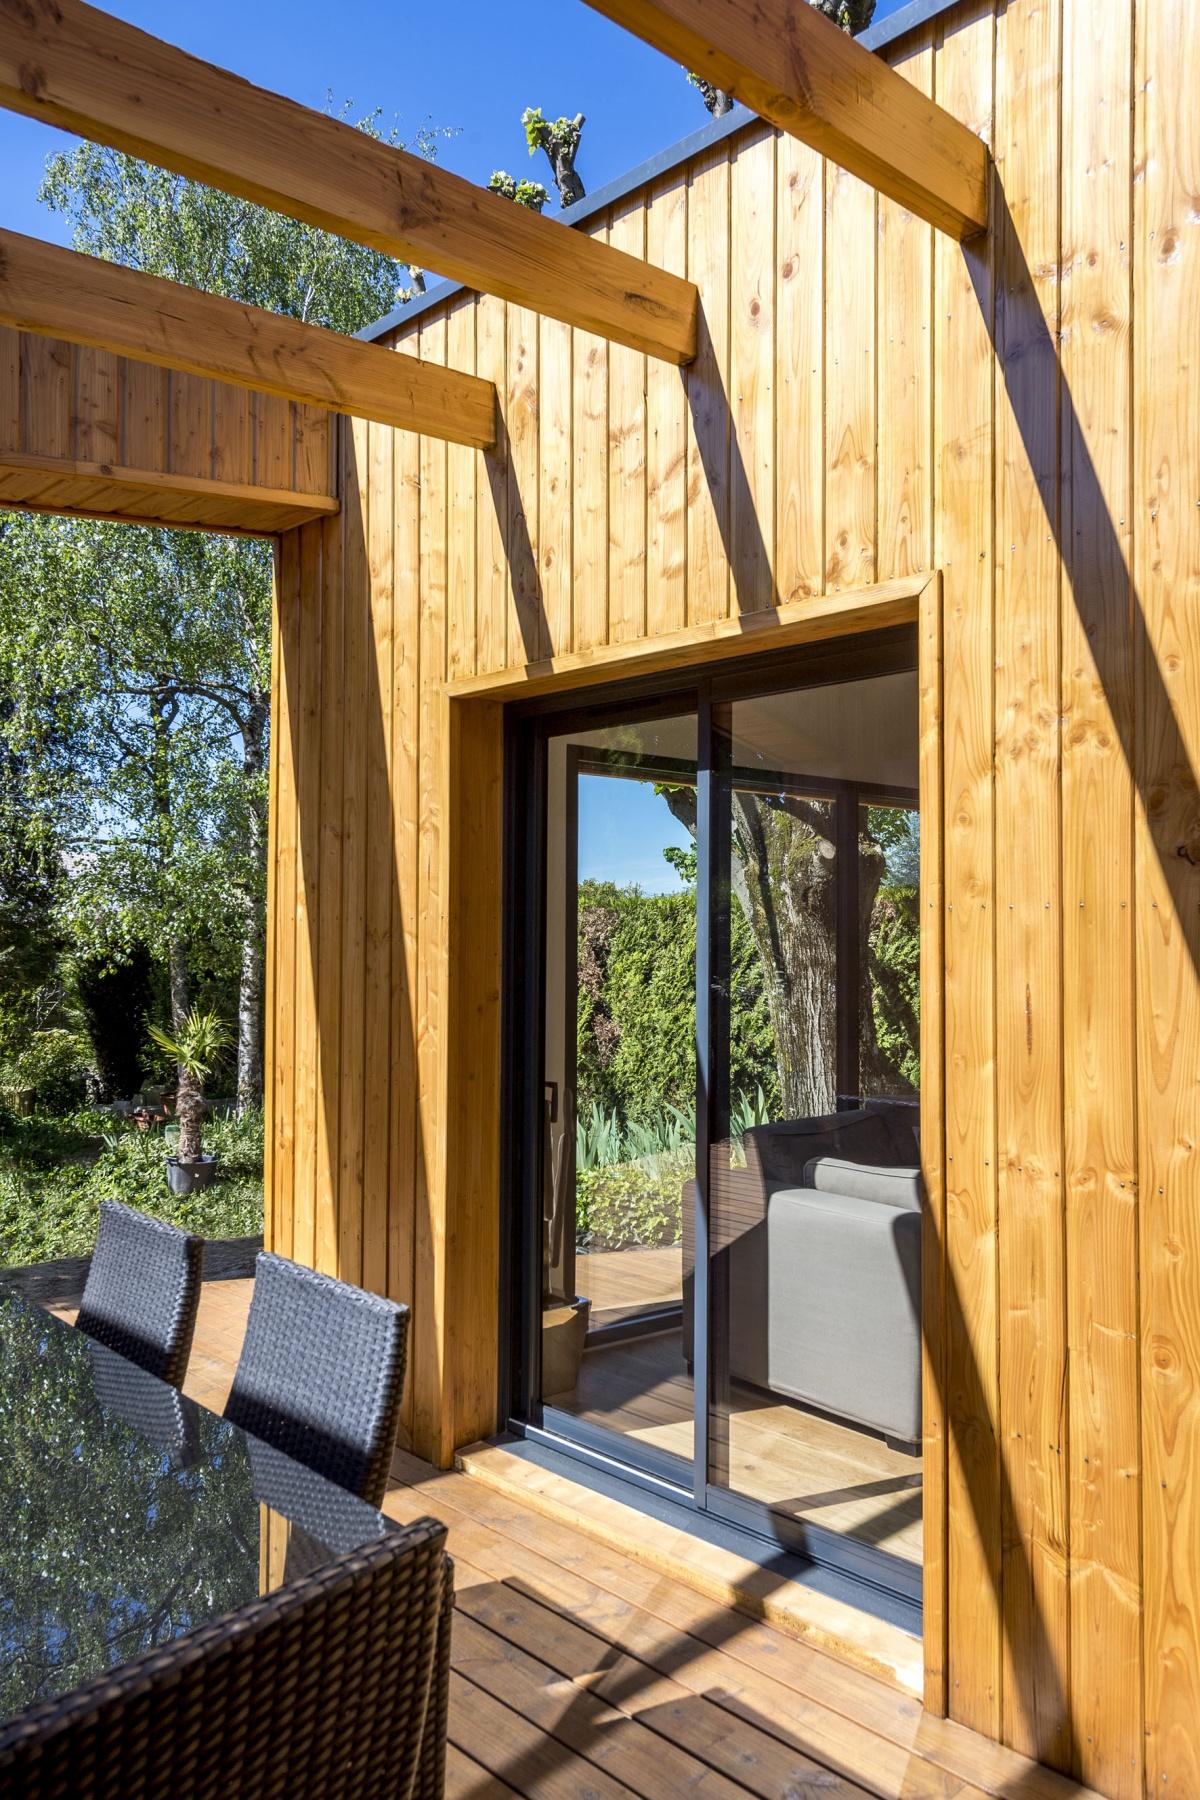 Réhabilitation et extension en bois : 10